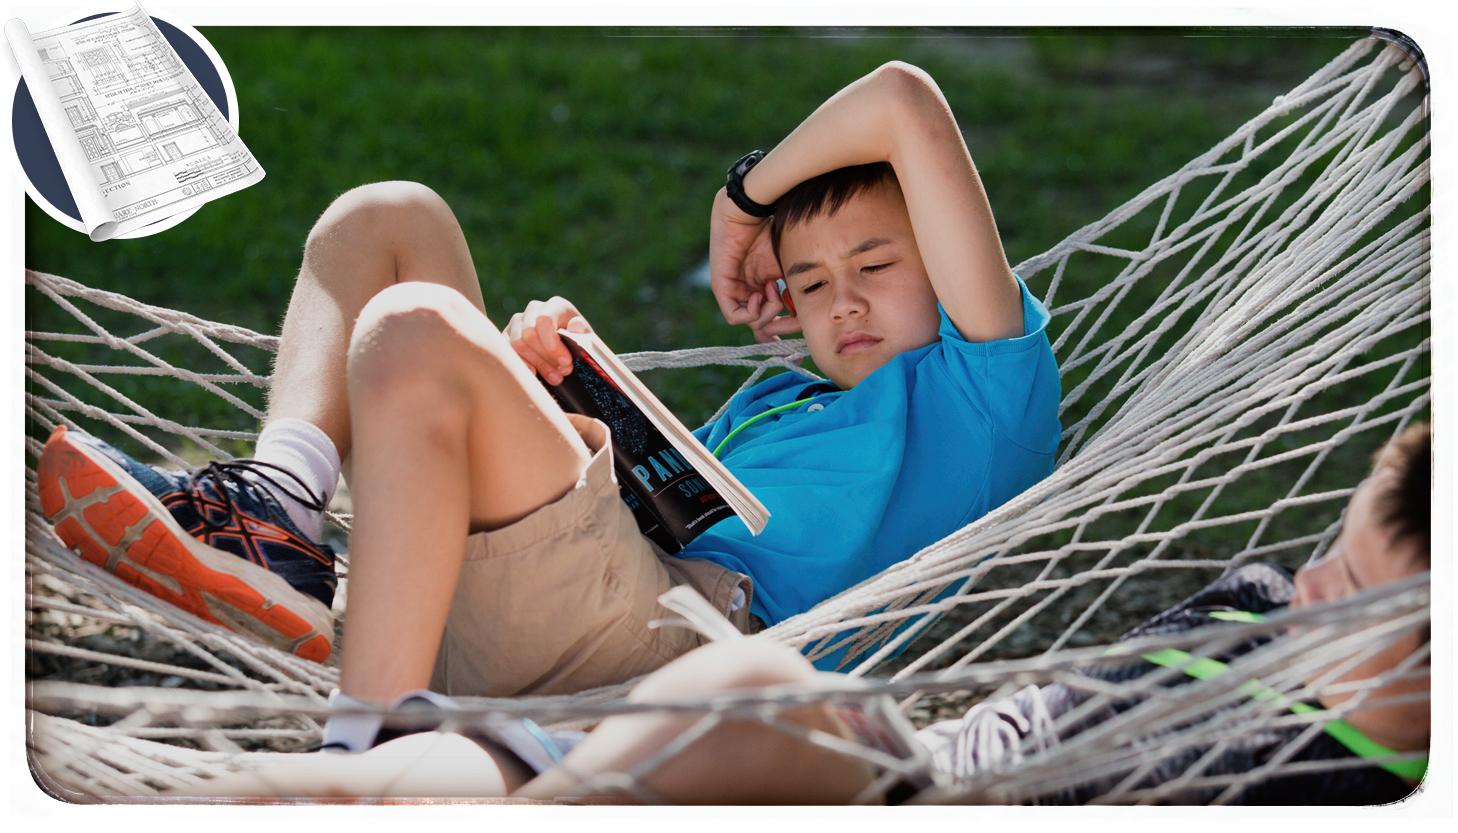 A boy reading a book in a hammock.